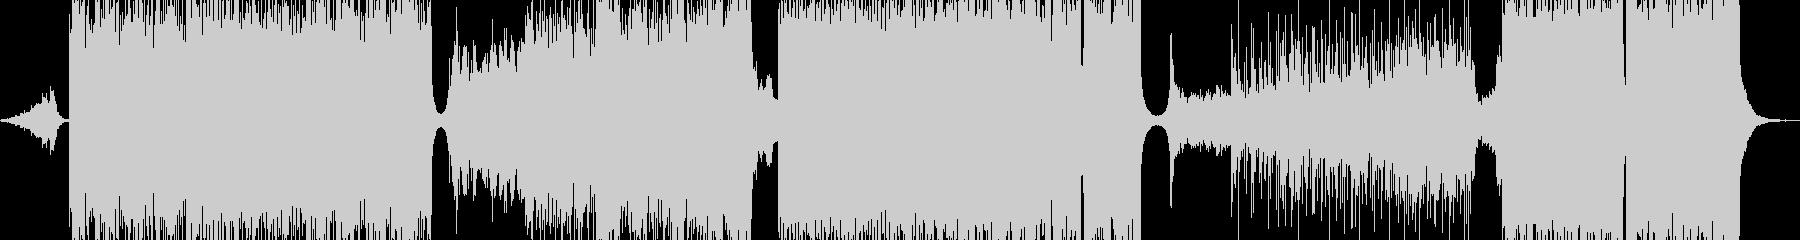 蚊・イライラバトルに突入するイメージの未再生の波形